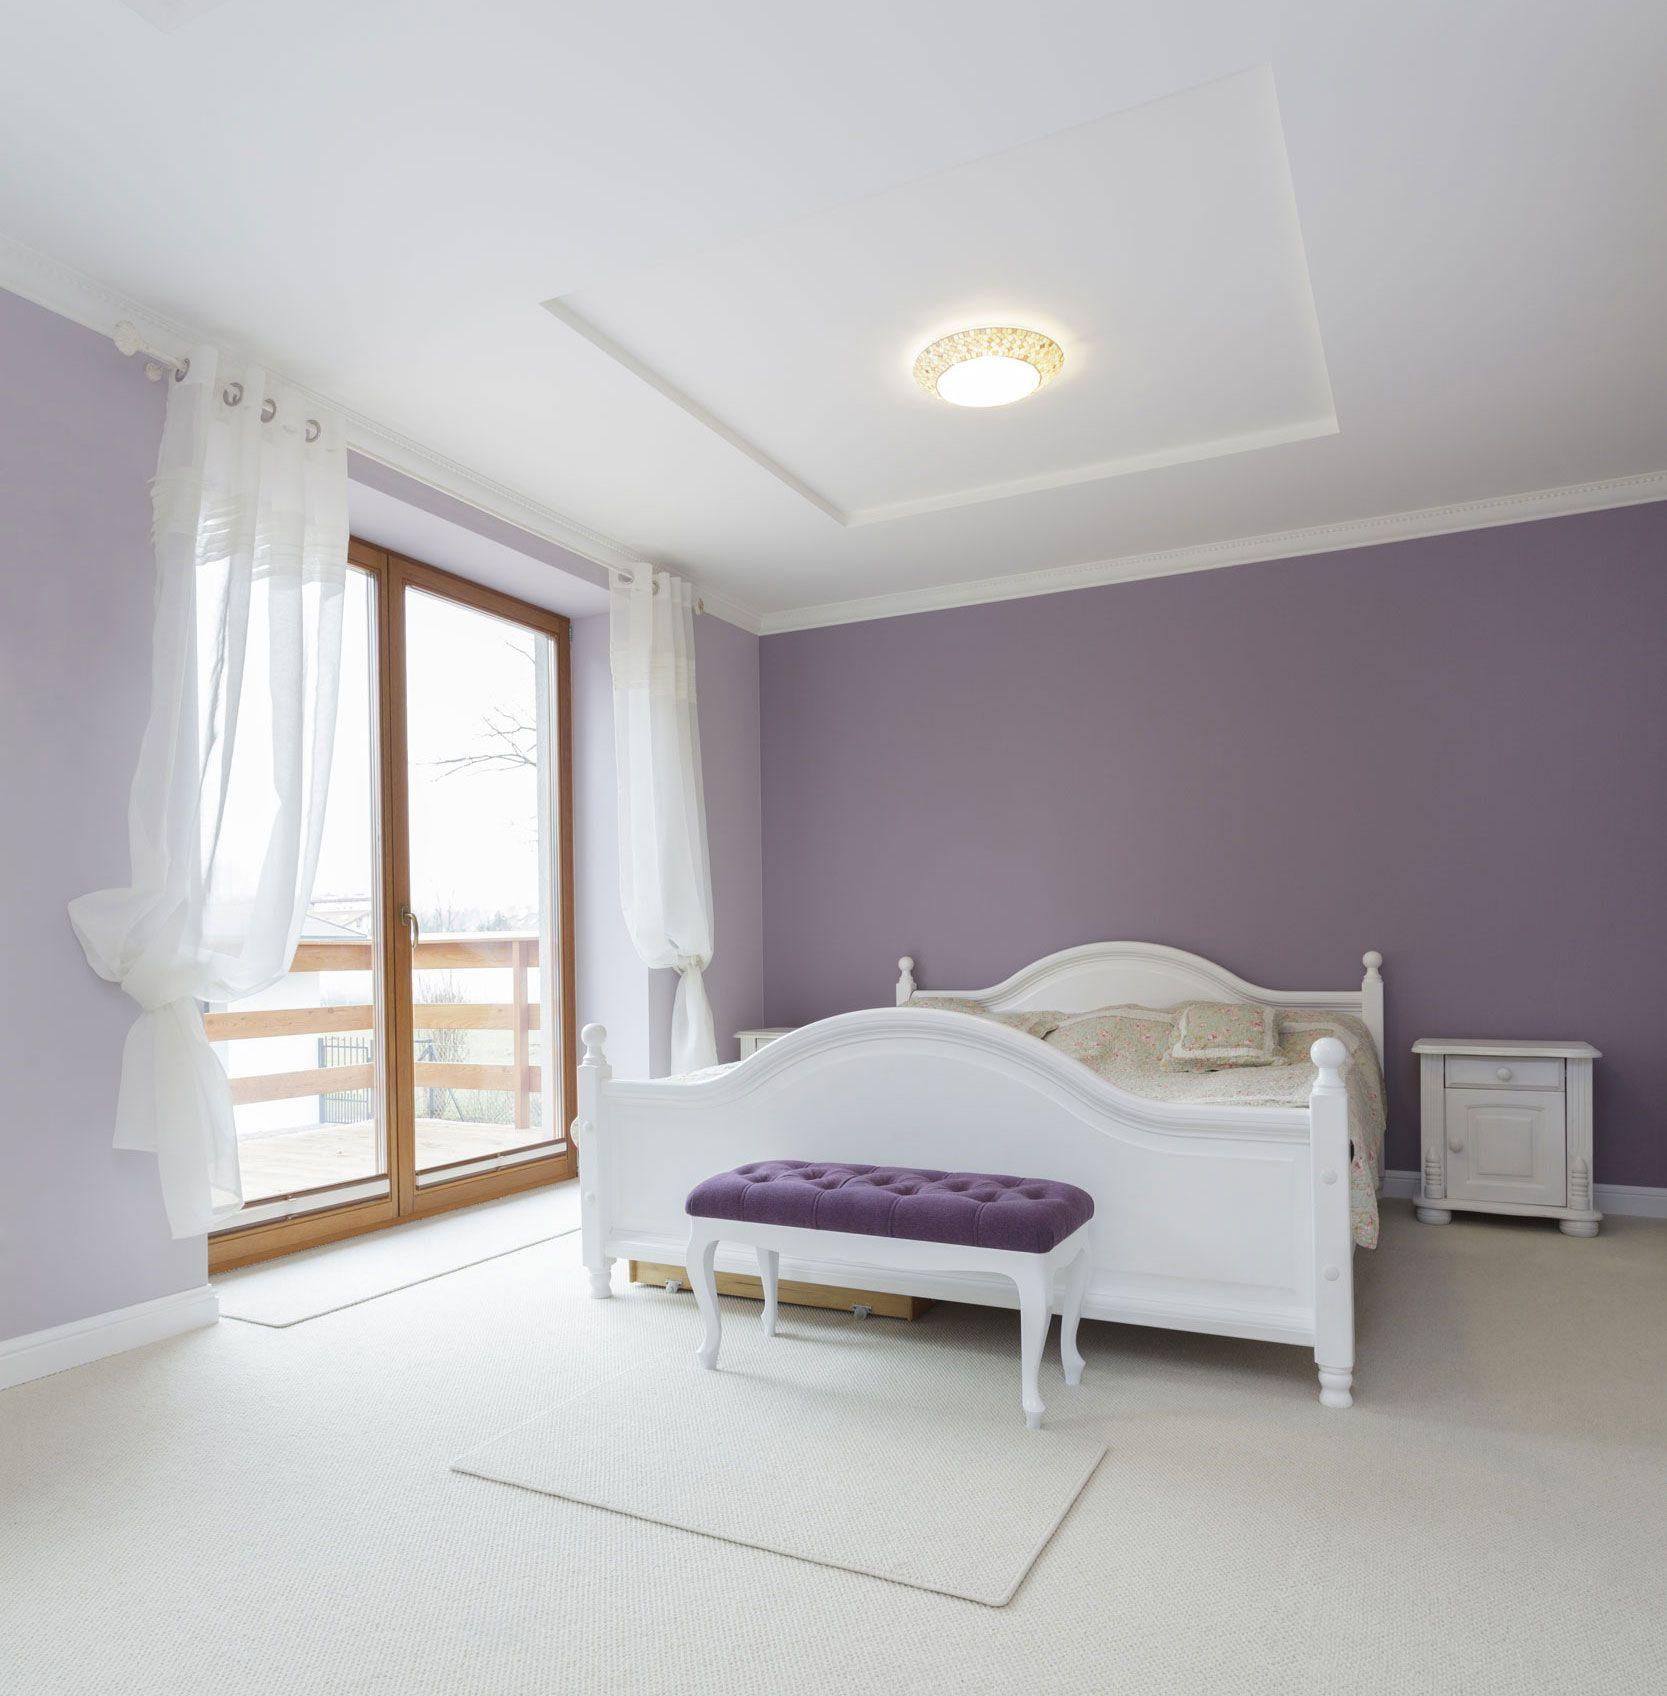 Dormitorio luminoso y amplio en blanco y morado hogarmania for Dormitorios color blanco